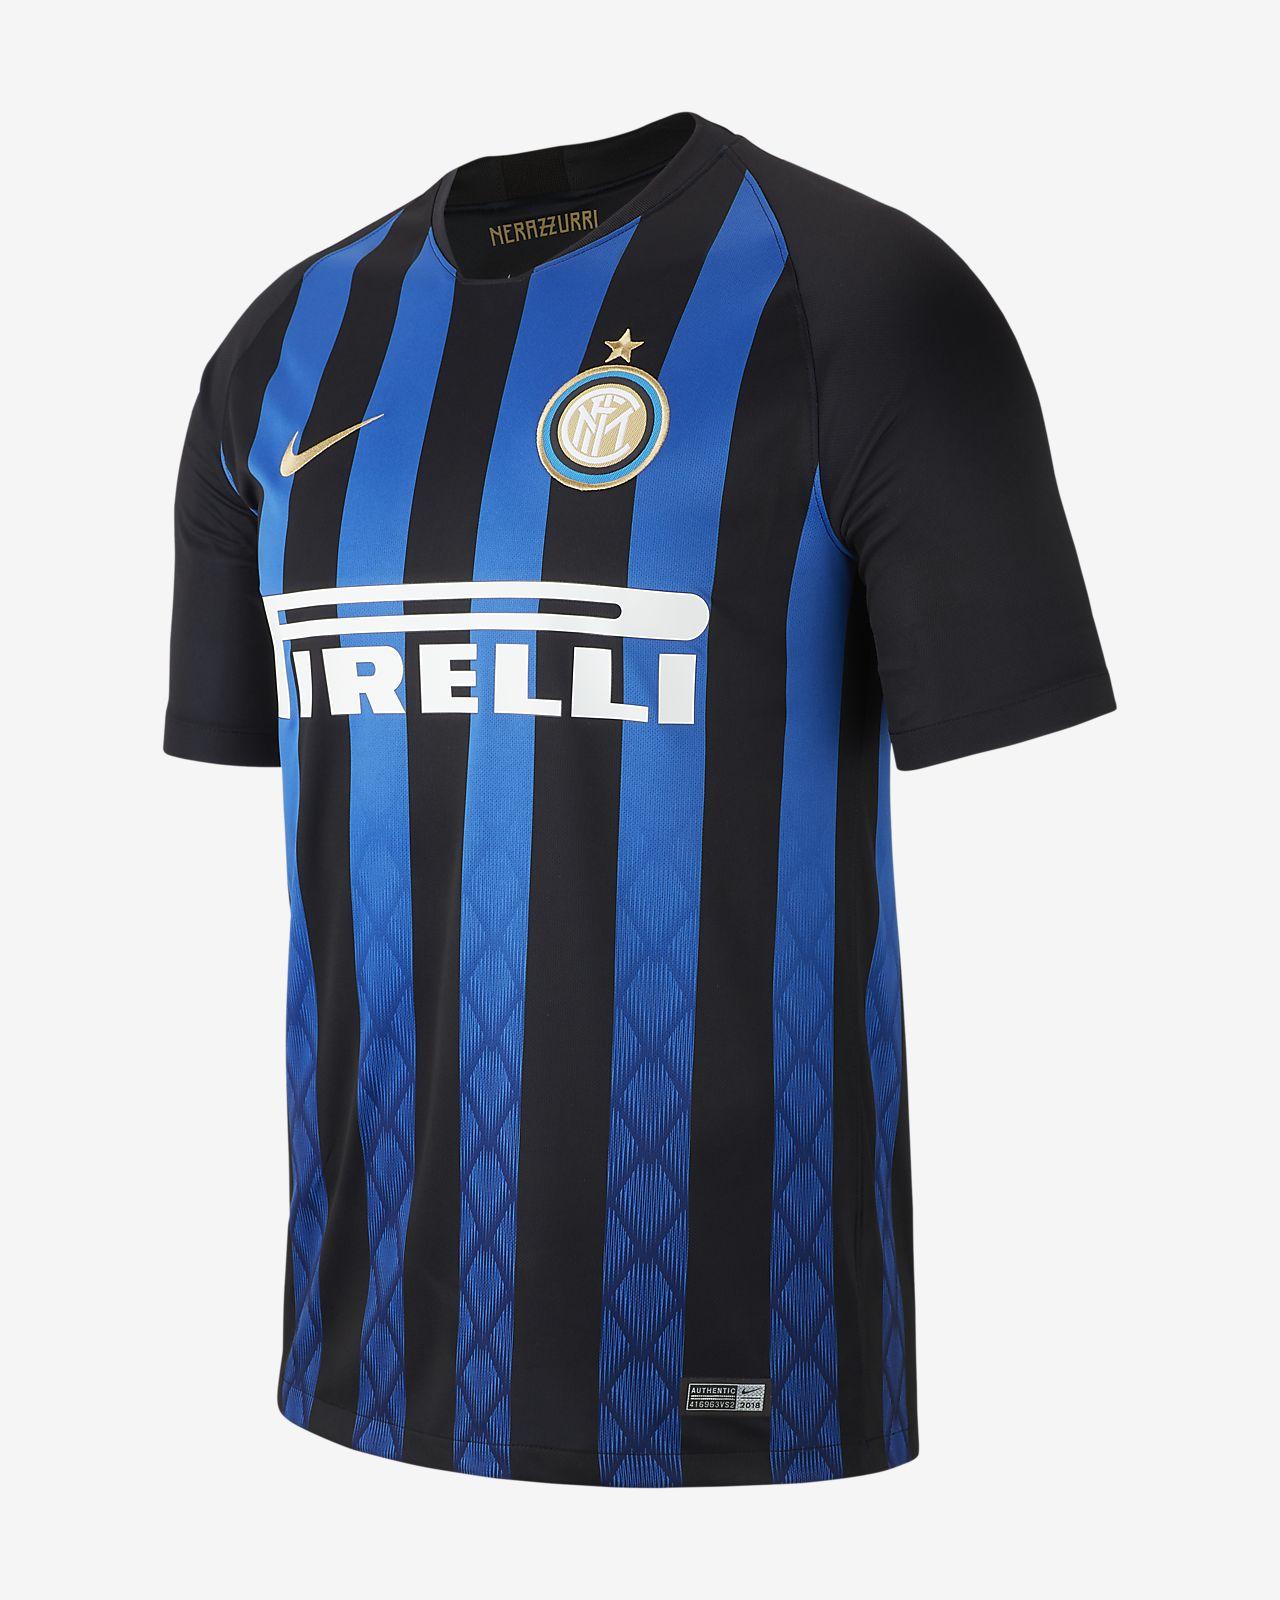 097b4cc3d8fc5 ... Camiseta de fútbol para hombre Inter Milan de local